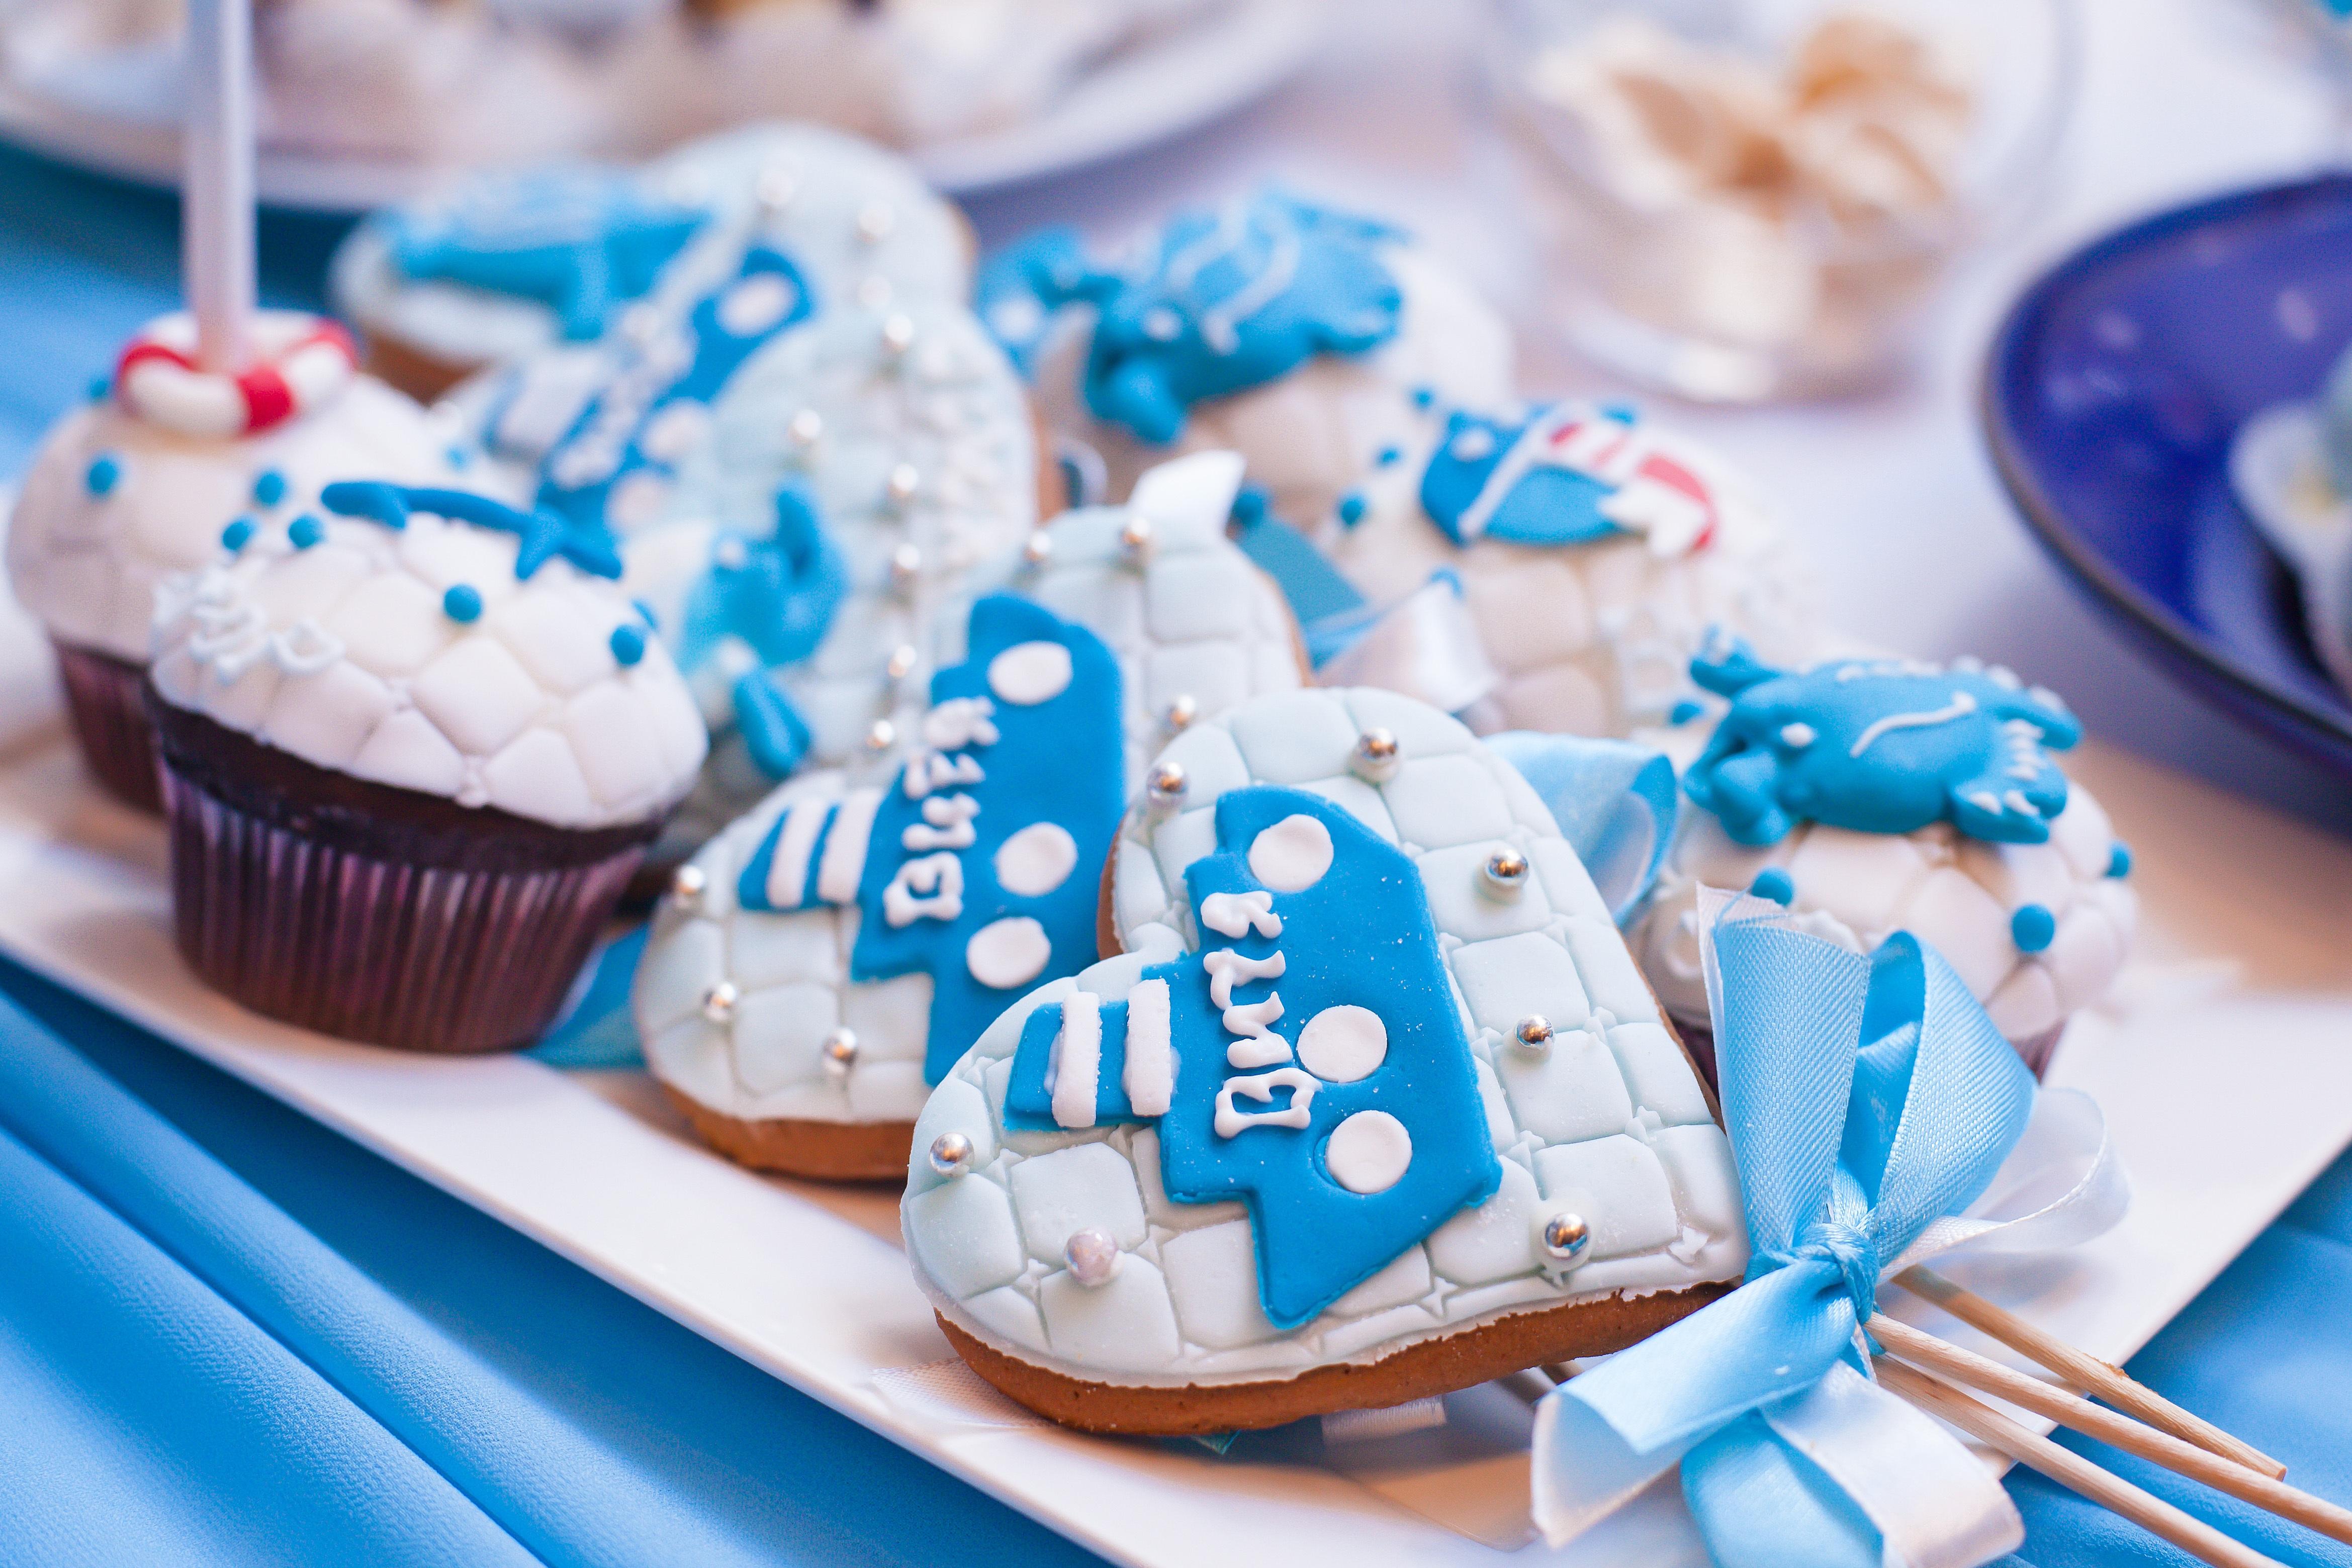 Free Images Sweet Dish Kitchen Blue Closeup Cupcake Baking